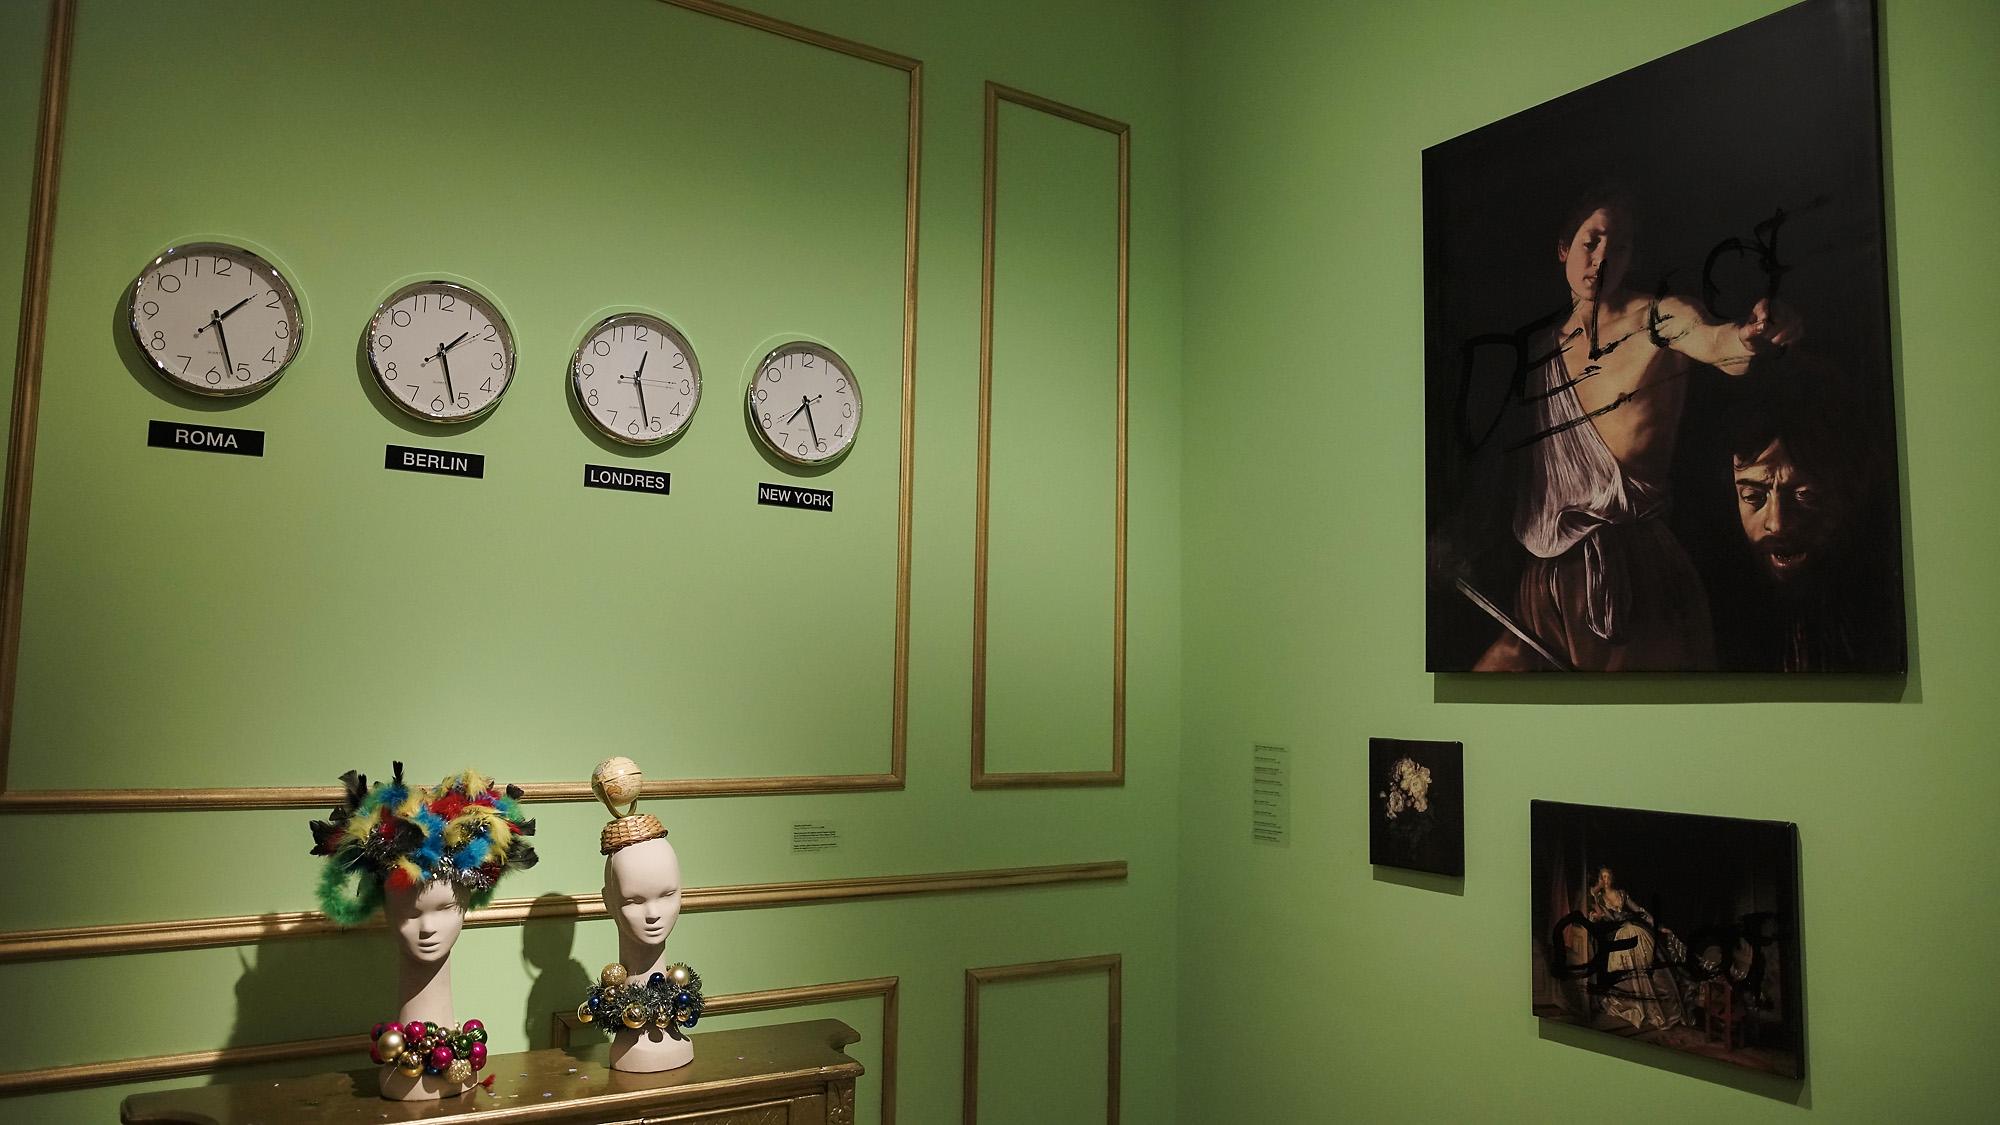 Sergio De Looffue parte de la generación de artistas que crearon una moda de autor en Buenos Aires, a comienzos de los años 90, realizando numerosos desfiles performáticos en los que participaban modelos no convencionales, con prendas realizadas en materiales alternativos, basura y ropa donada. Entre estos, se destacanLatina Winter by Cottolengo Fashion(1989),Encantadores vestidos(1990) y Cualquier Chanel(1994), entre muchos otros